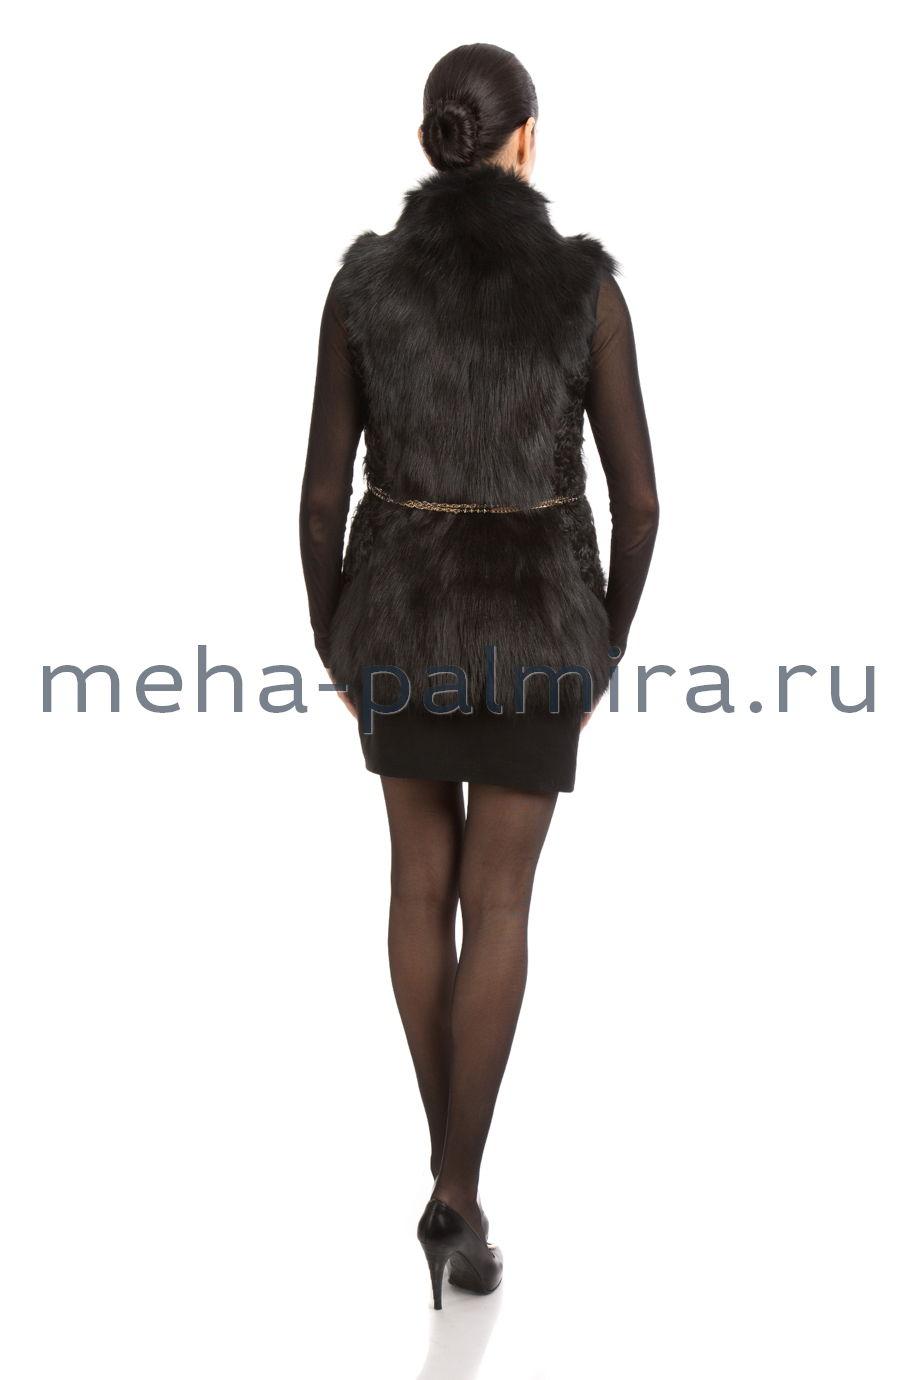 Удлиненная меховая жилетка из овчины и меха тоскана, чёрная